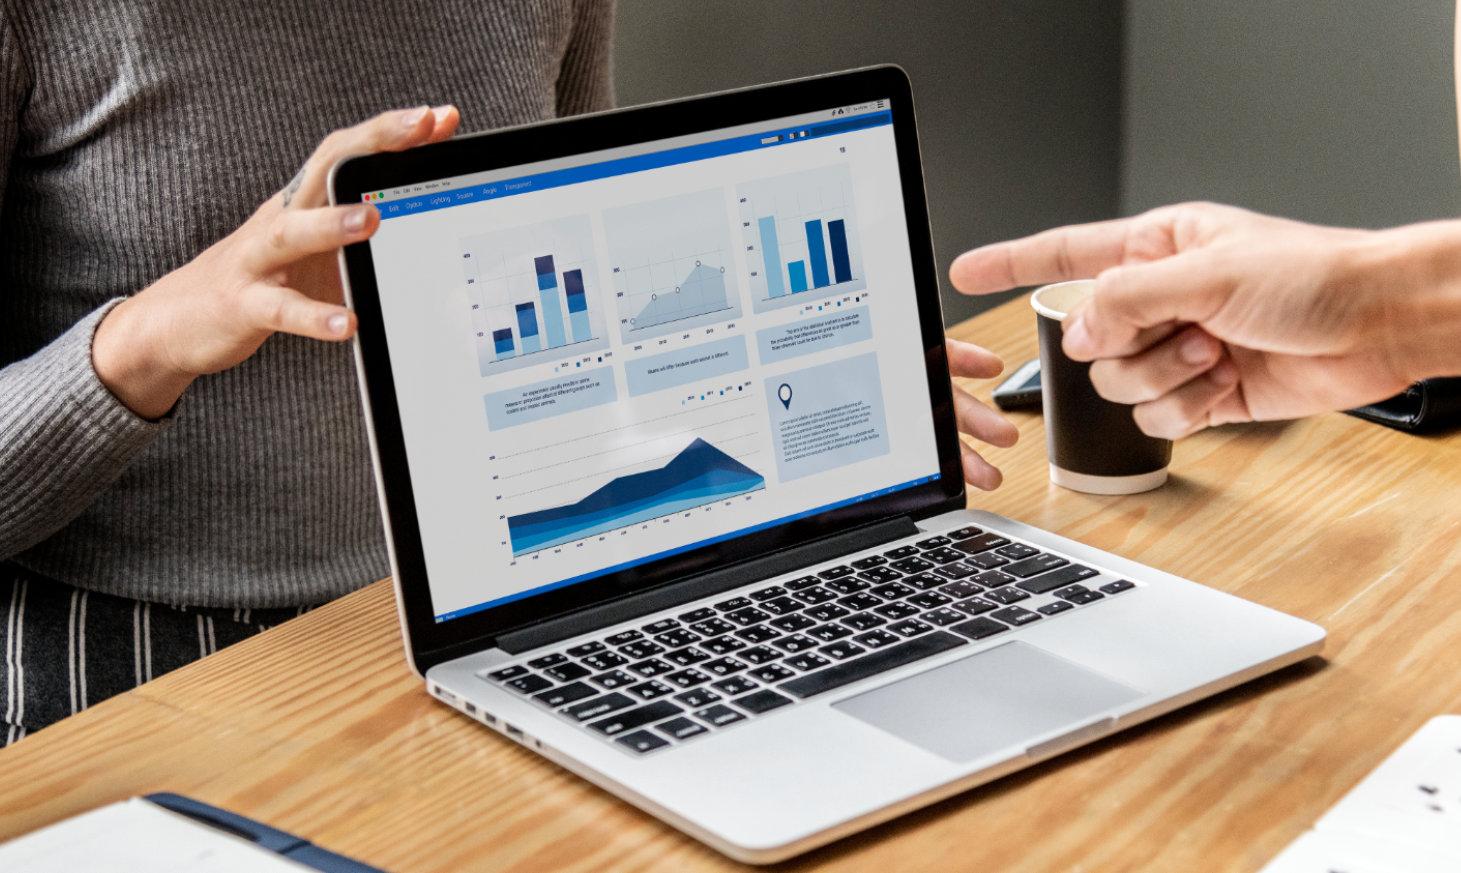 專家推薦使用免費的轉換率優化工具,使你的客戶銷售額提高 改善消費者體驗策略